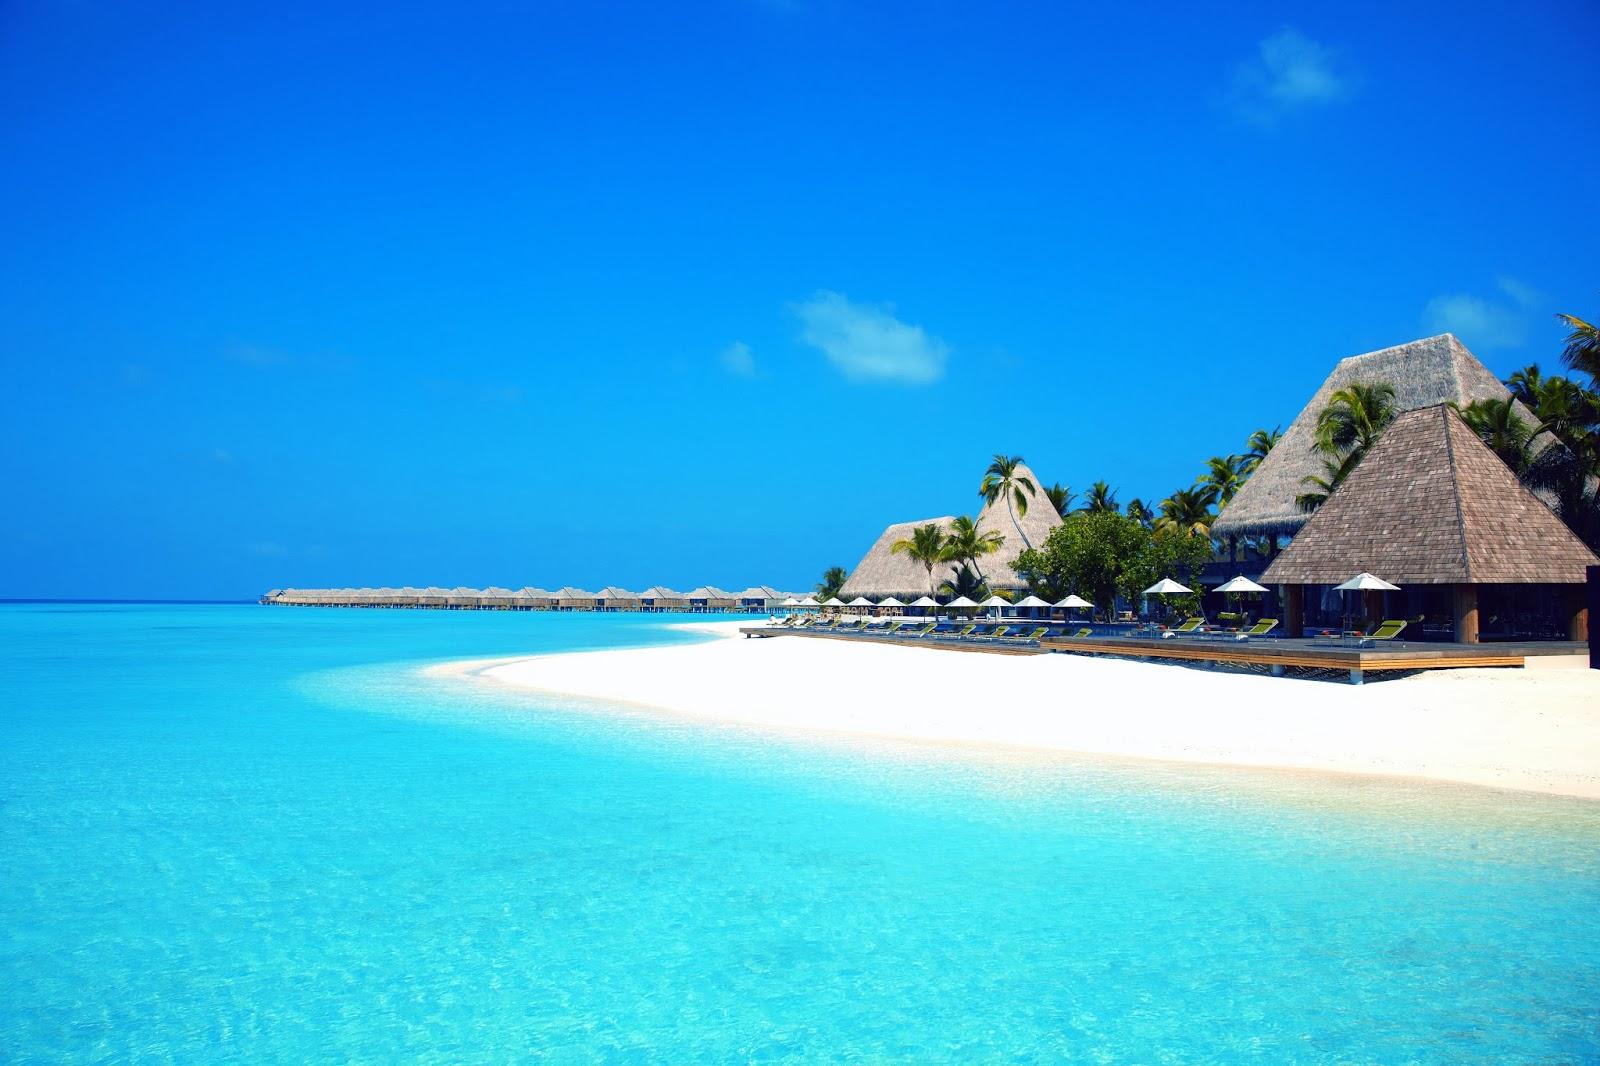 Elisa ravena top5 lugares mais lindos do mundo ilhas maldivas minha lua de mel vai ser ai obrigada altavistaventures Images